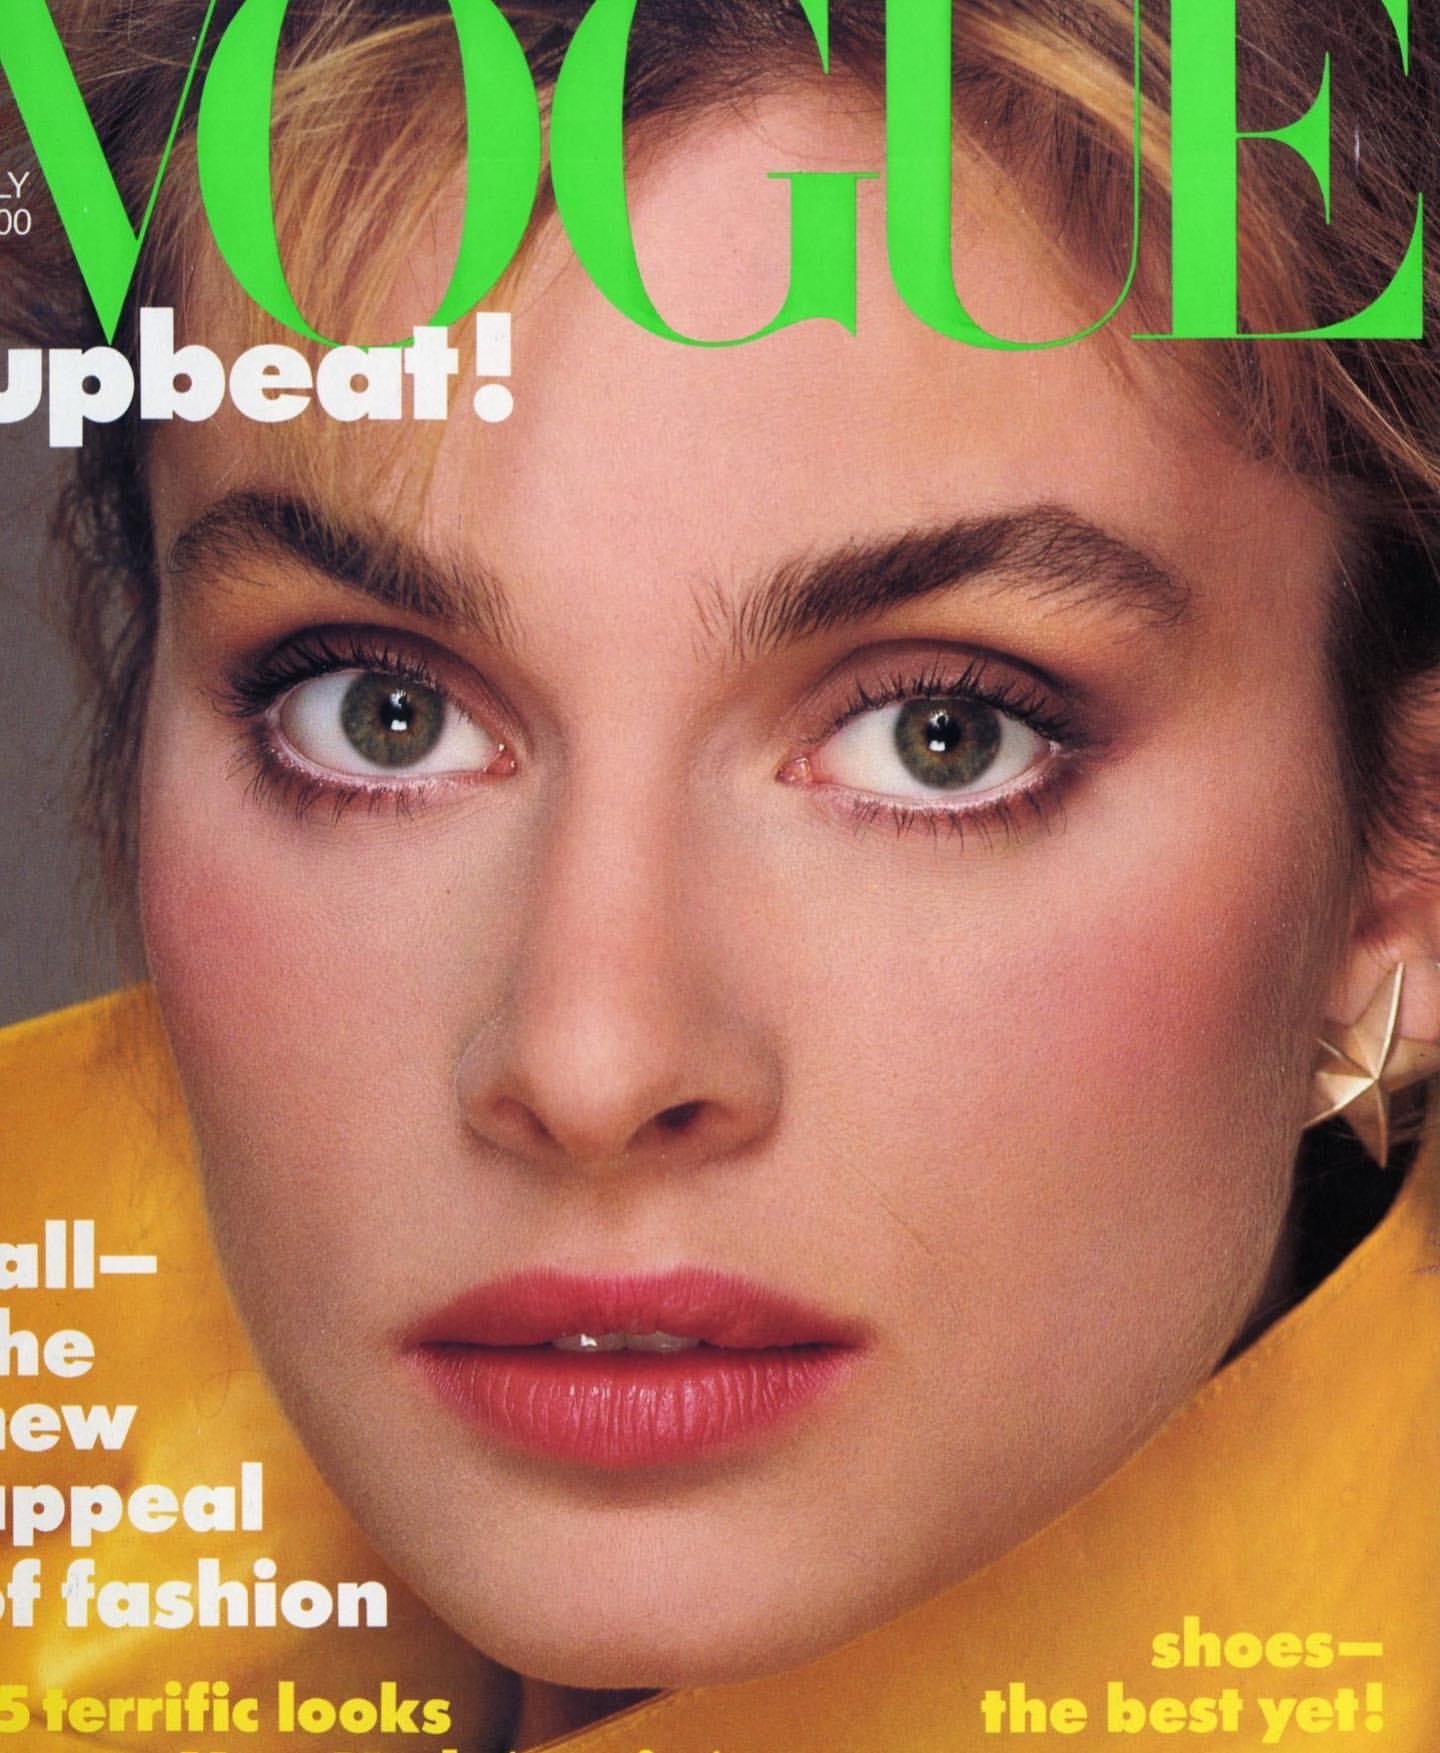 Entrevista a Francis Gillette, una leyenda del cabello y maquillaje editorial en las revistas de moda